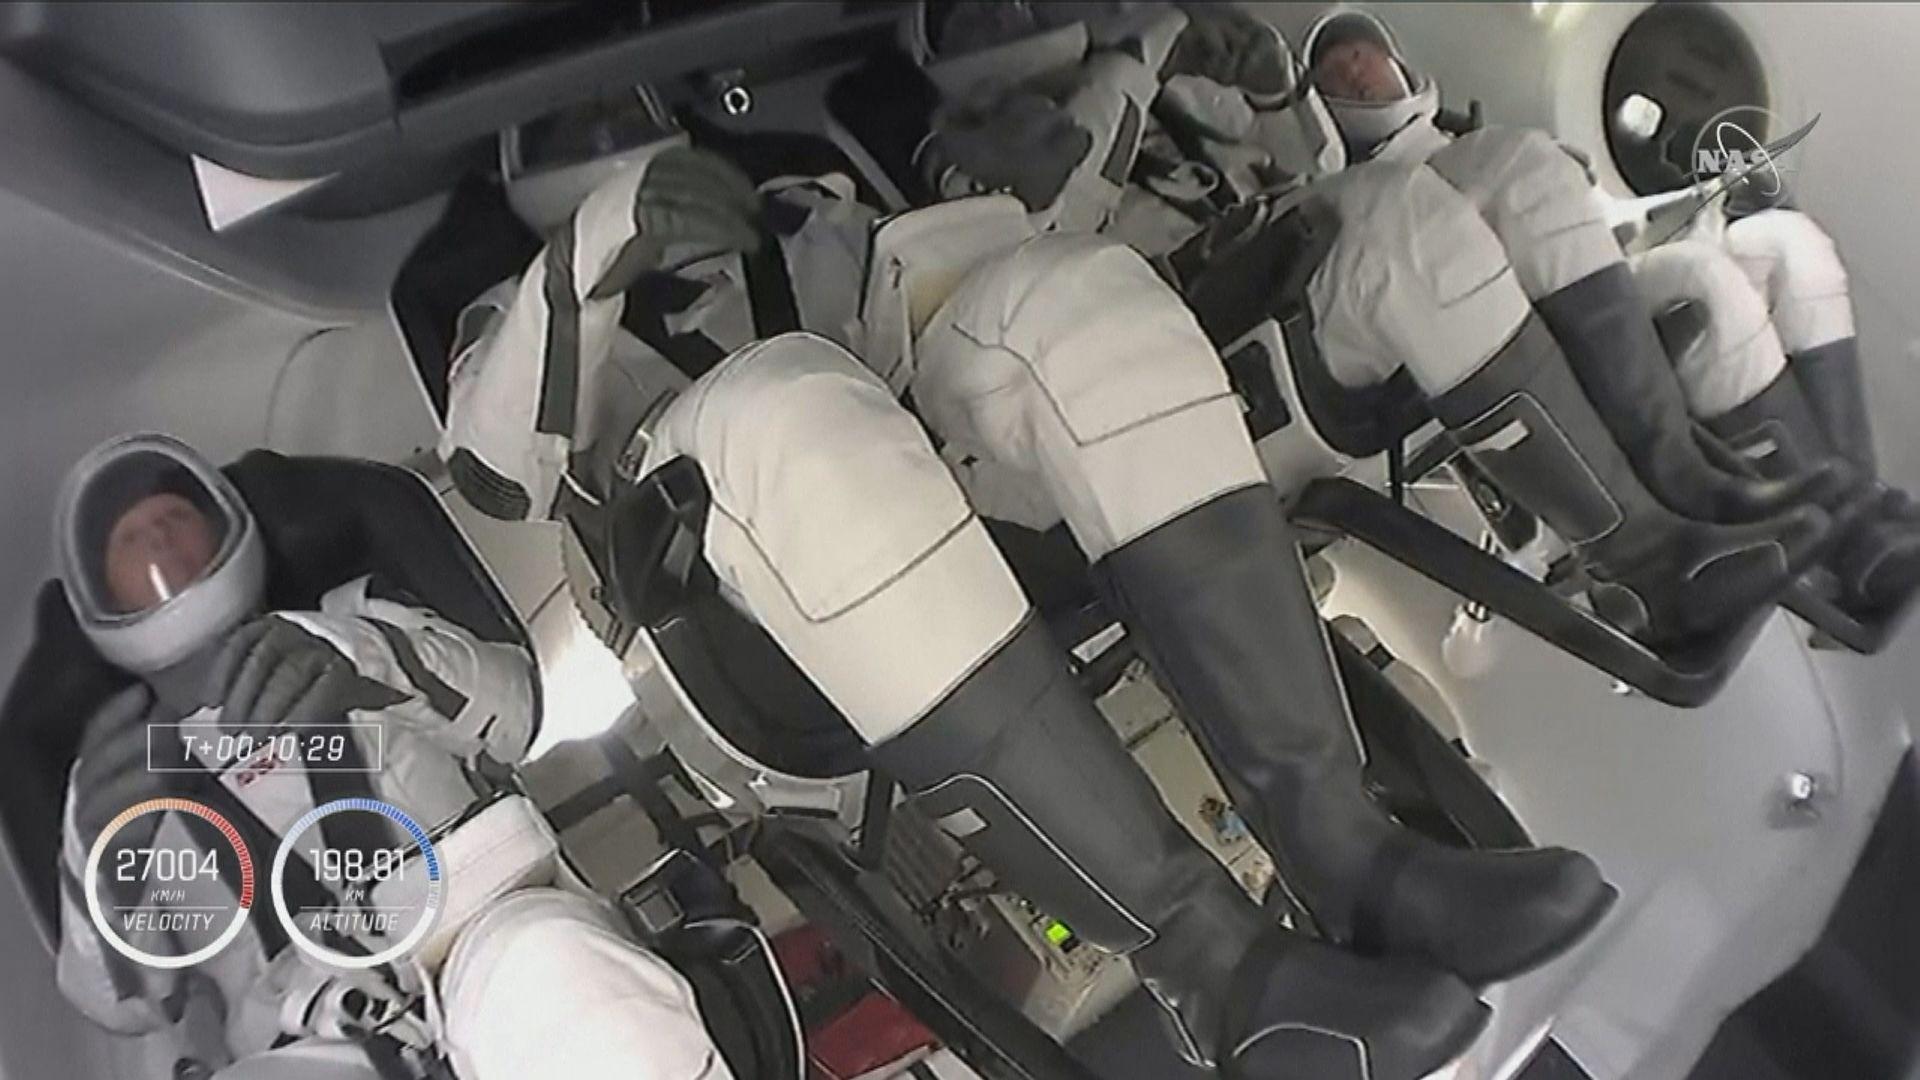 太空人將龍飛船命名為堅韌號 反映今年世界挑戰